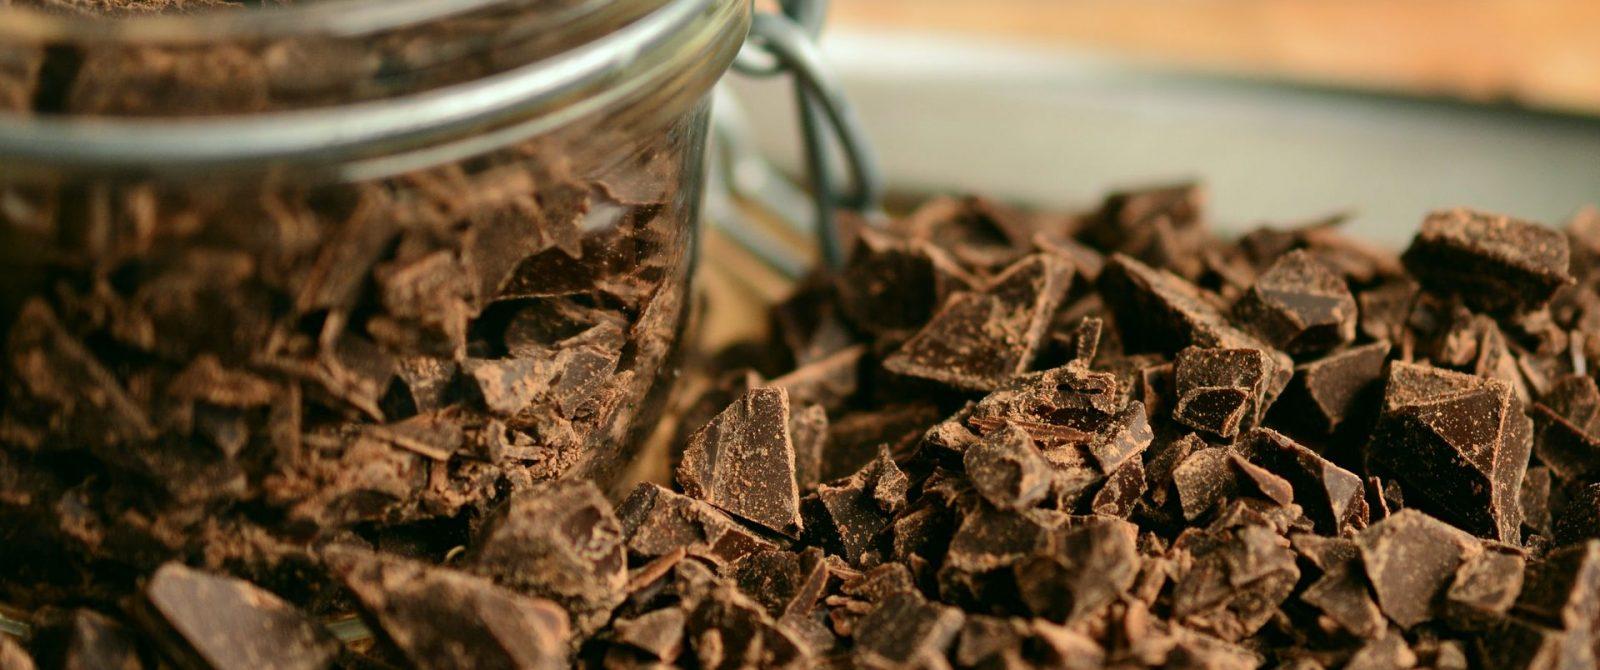 Chocolat concassé©pixabay, ADT de l'AUDE